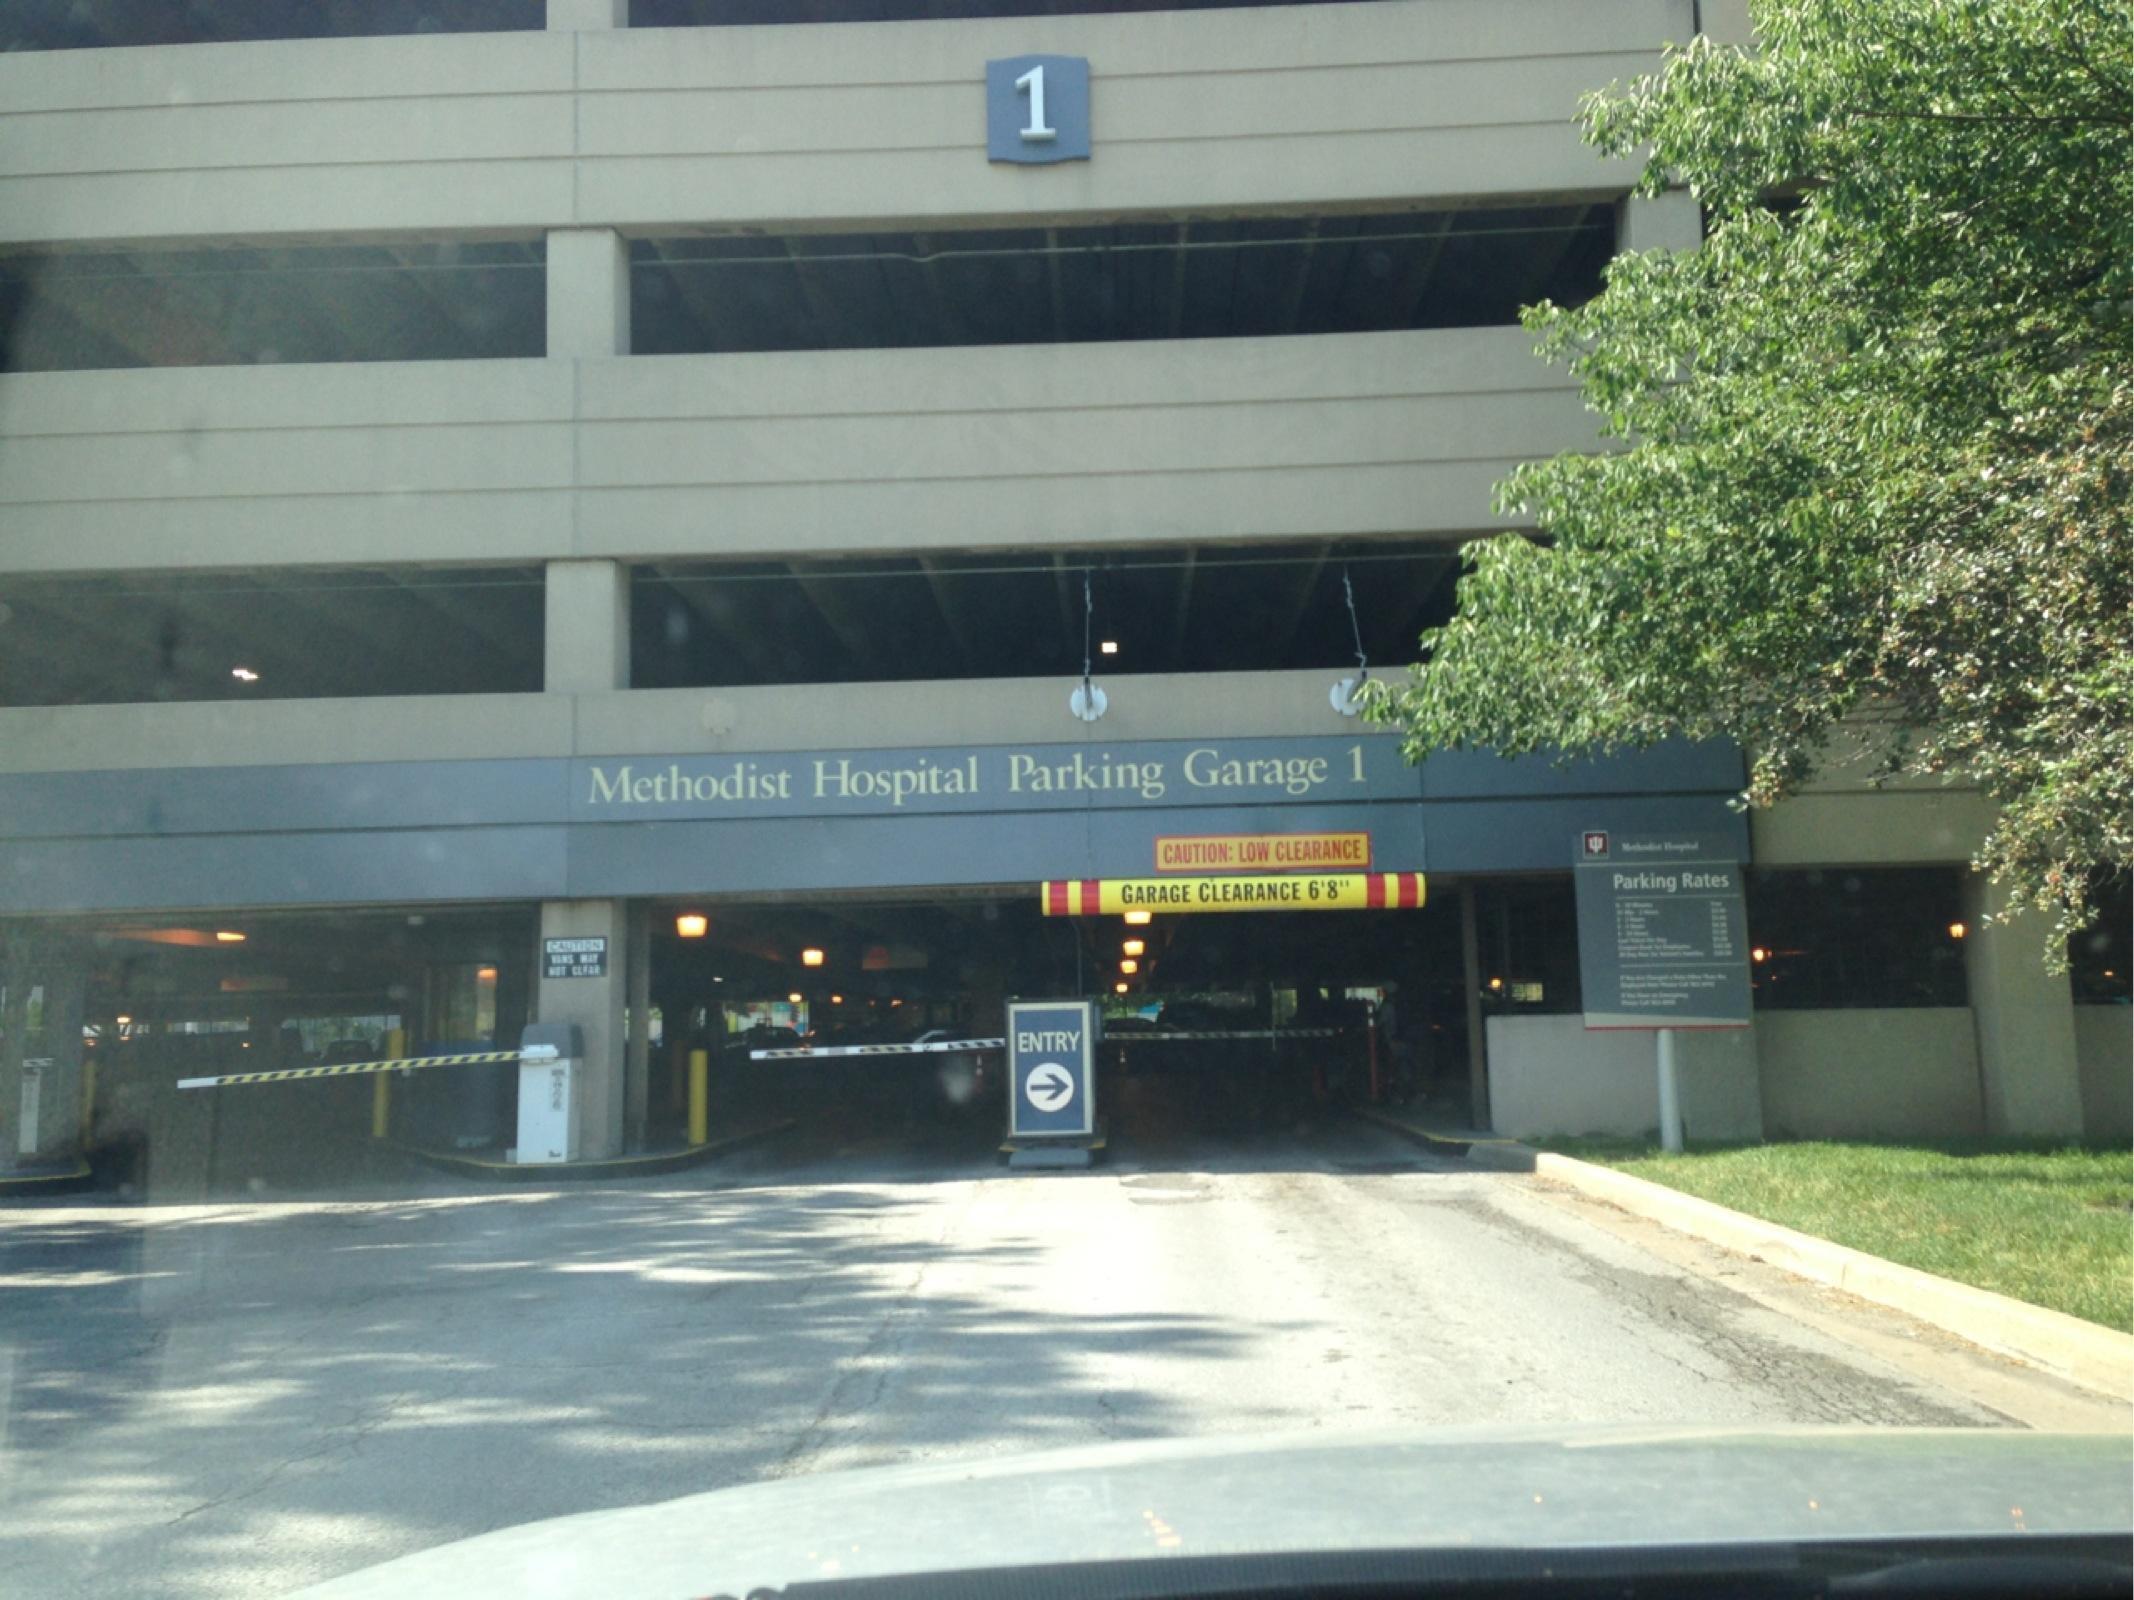 Methodist Hospital Parking Garage 1 - Parking in